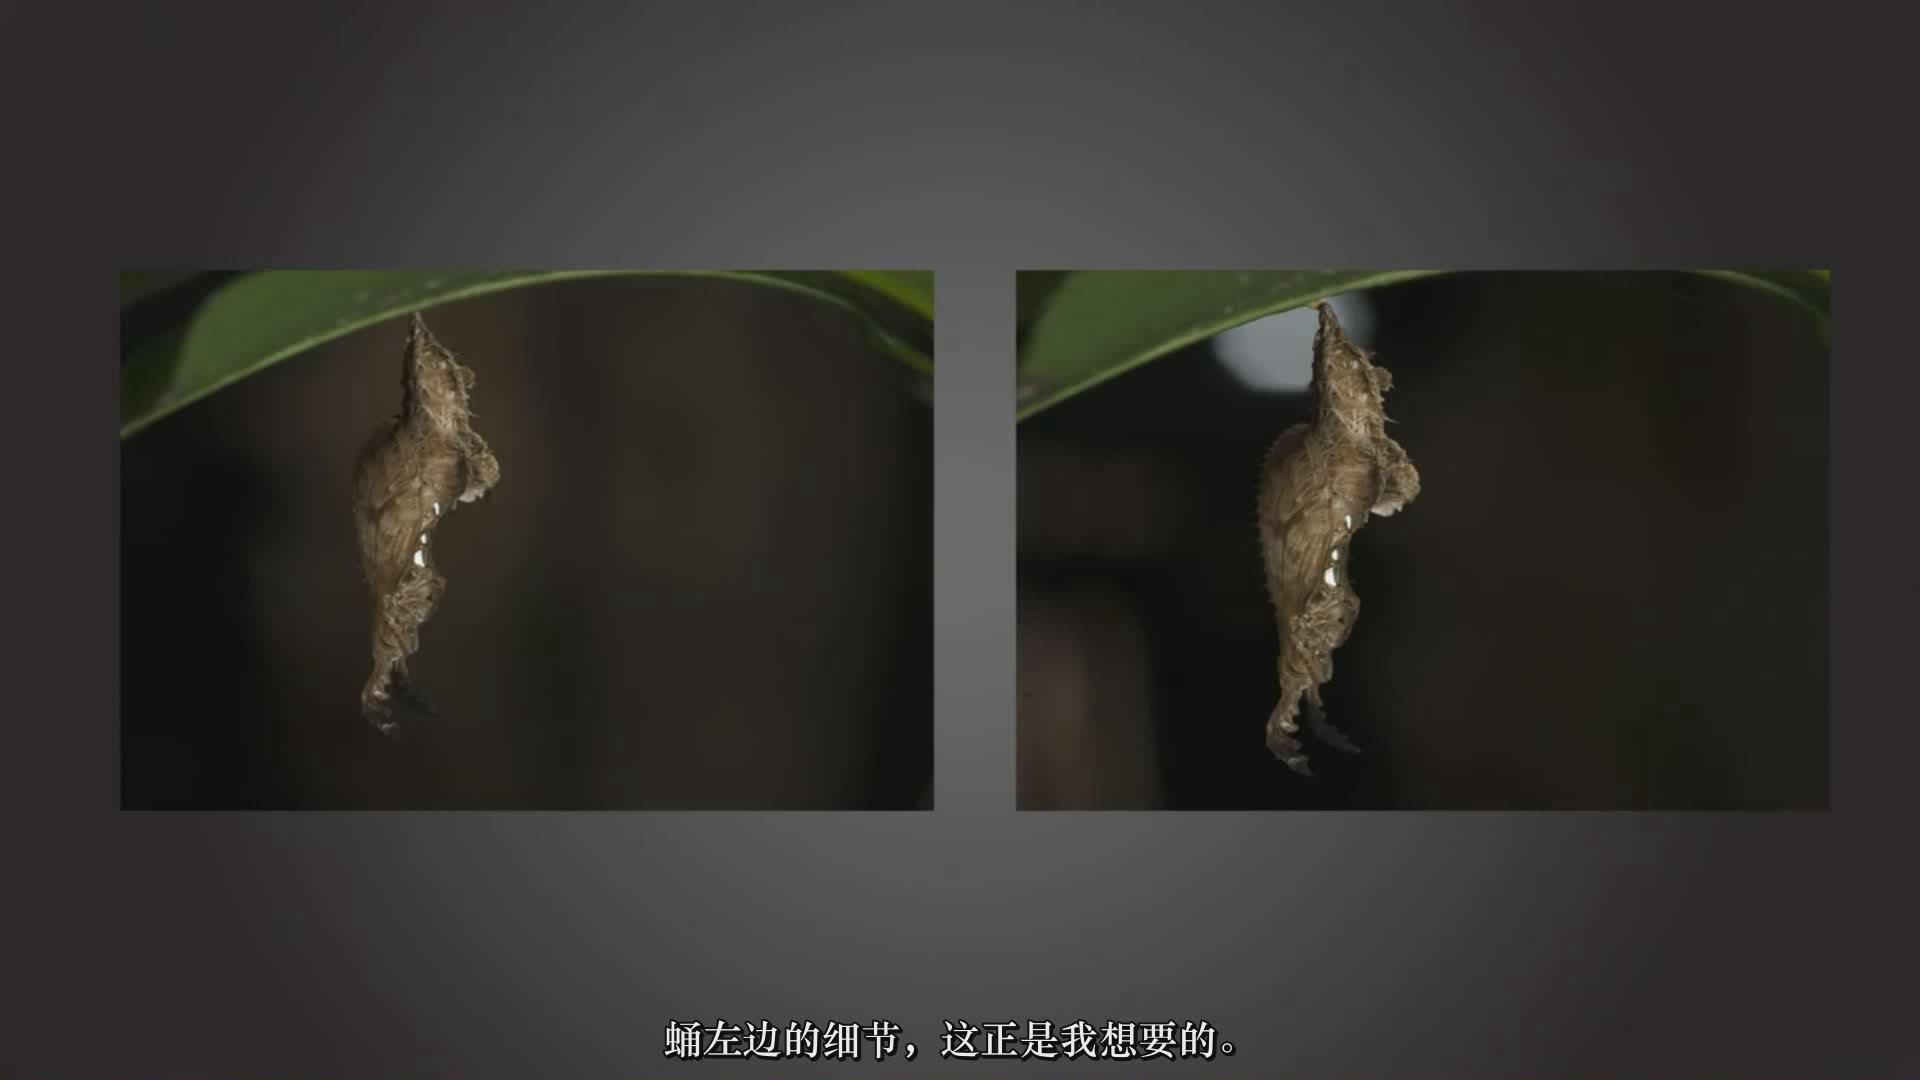 摄影教程_Craftsy –宏观摄影:精通昆虫微距摄影完整指南教程-中文字幕 摄影教程 _预览图7